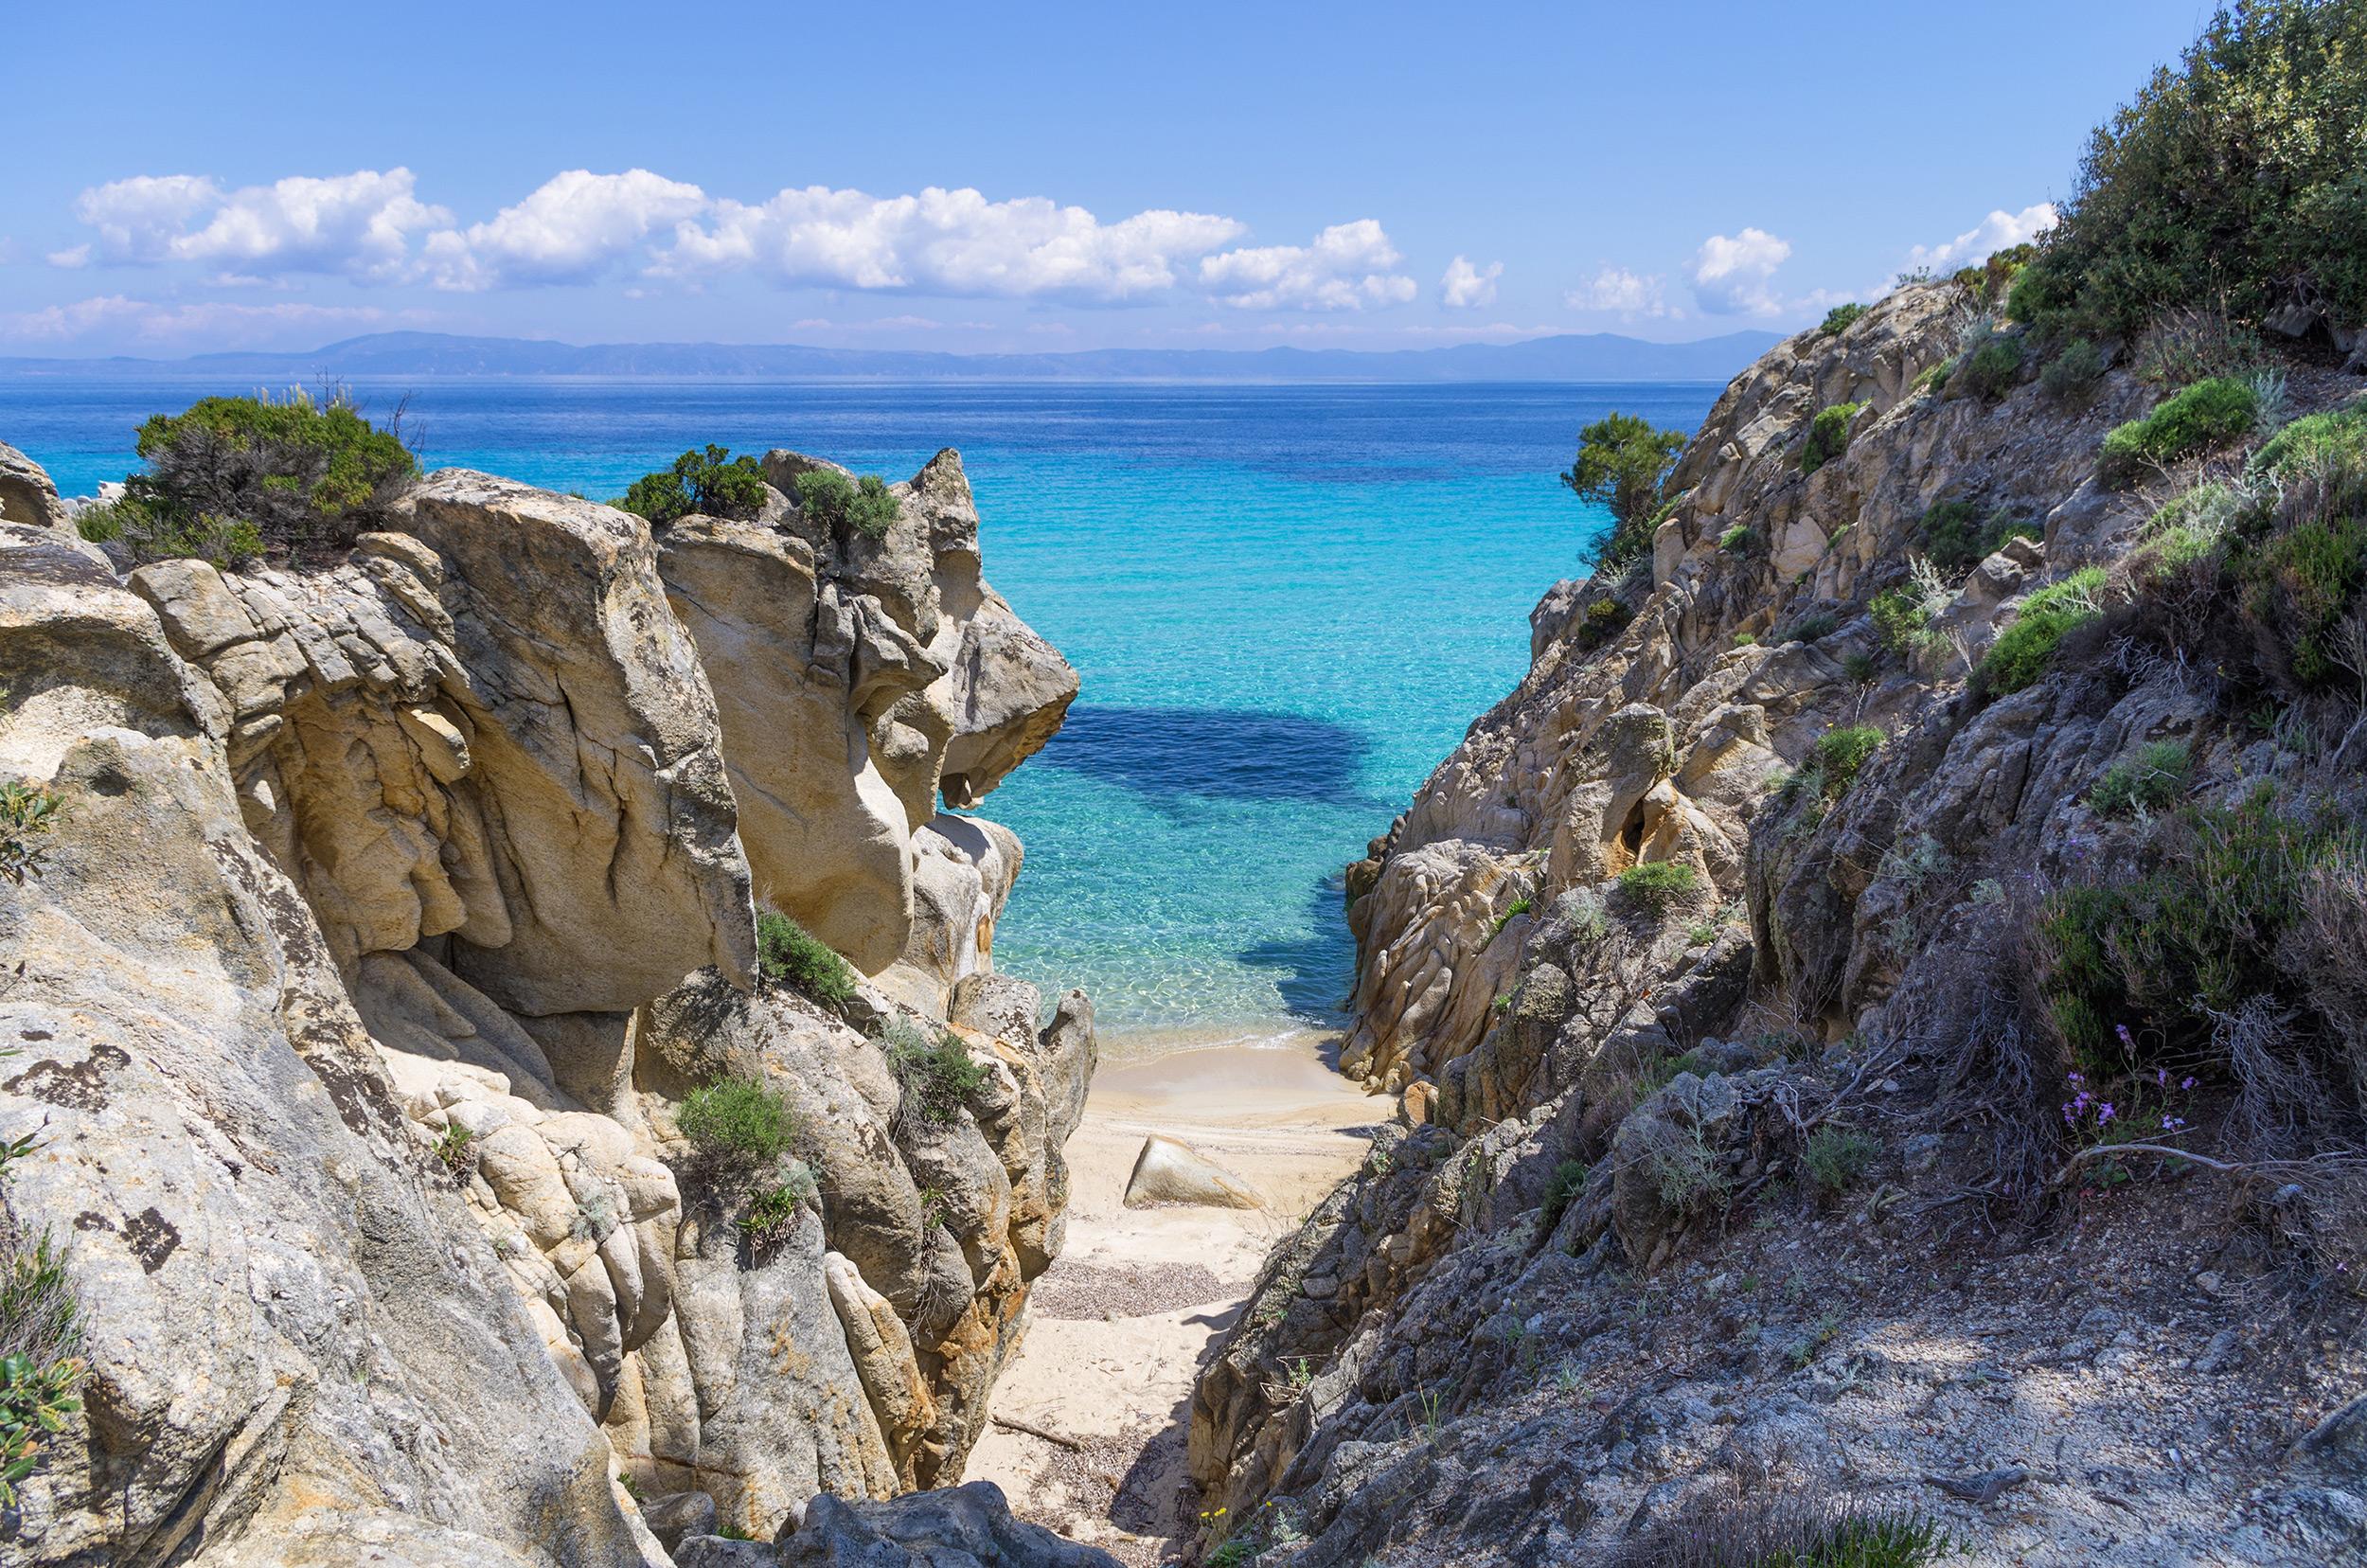 Griechenland 7 Tage Chalkidiki Im Top 5 Award Resort Mit Meerblick